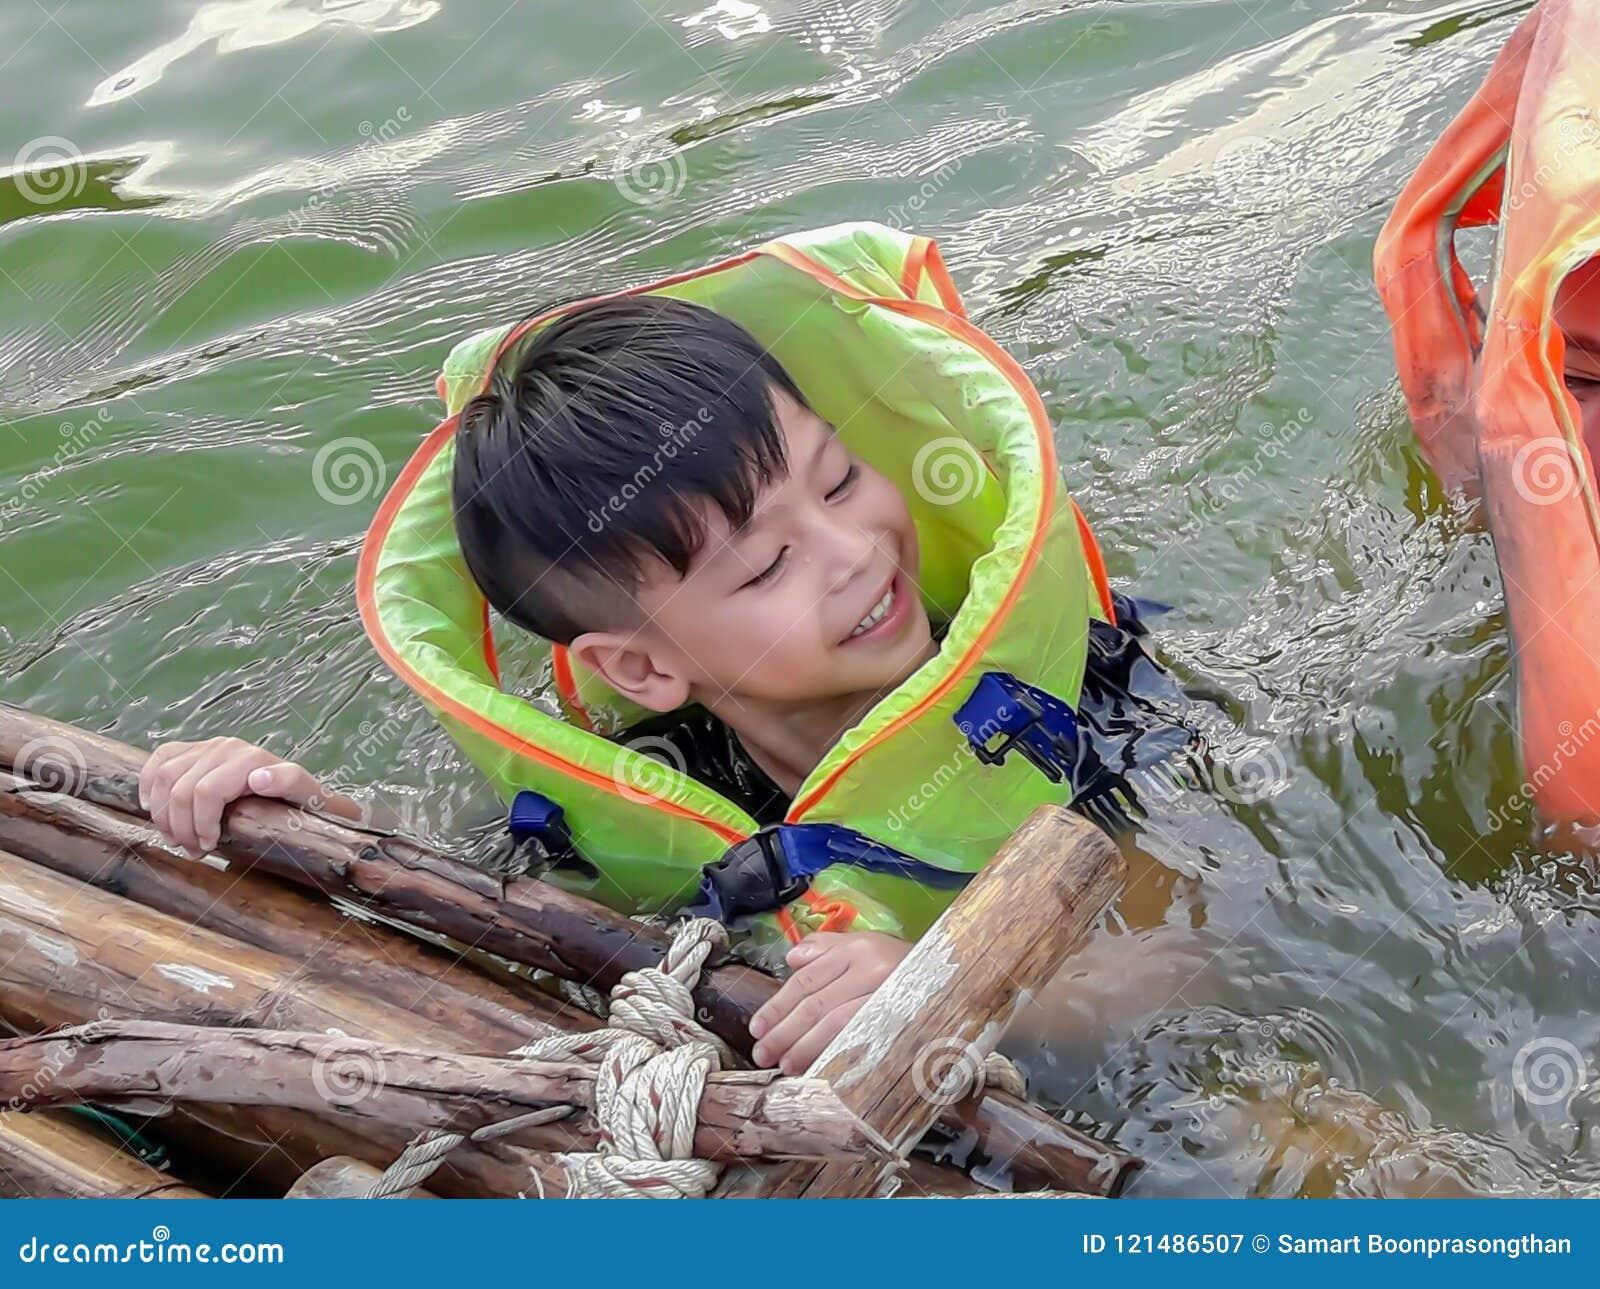 Un garçon utilisant un gilet de sauvetage pour nager sans risque et apprécier